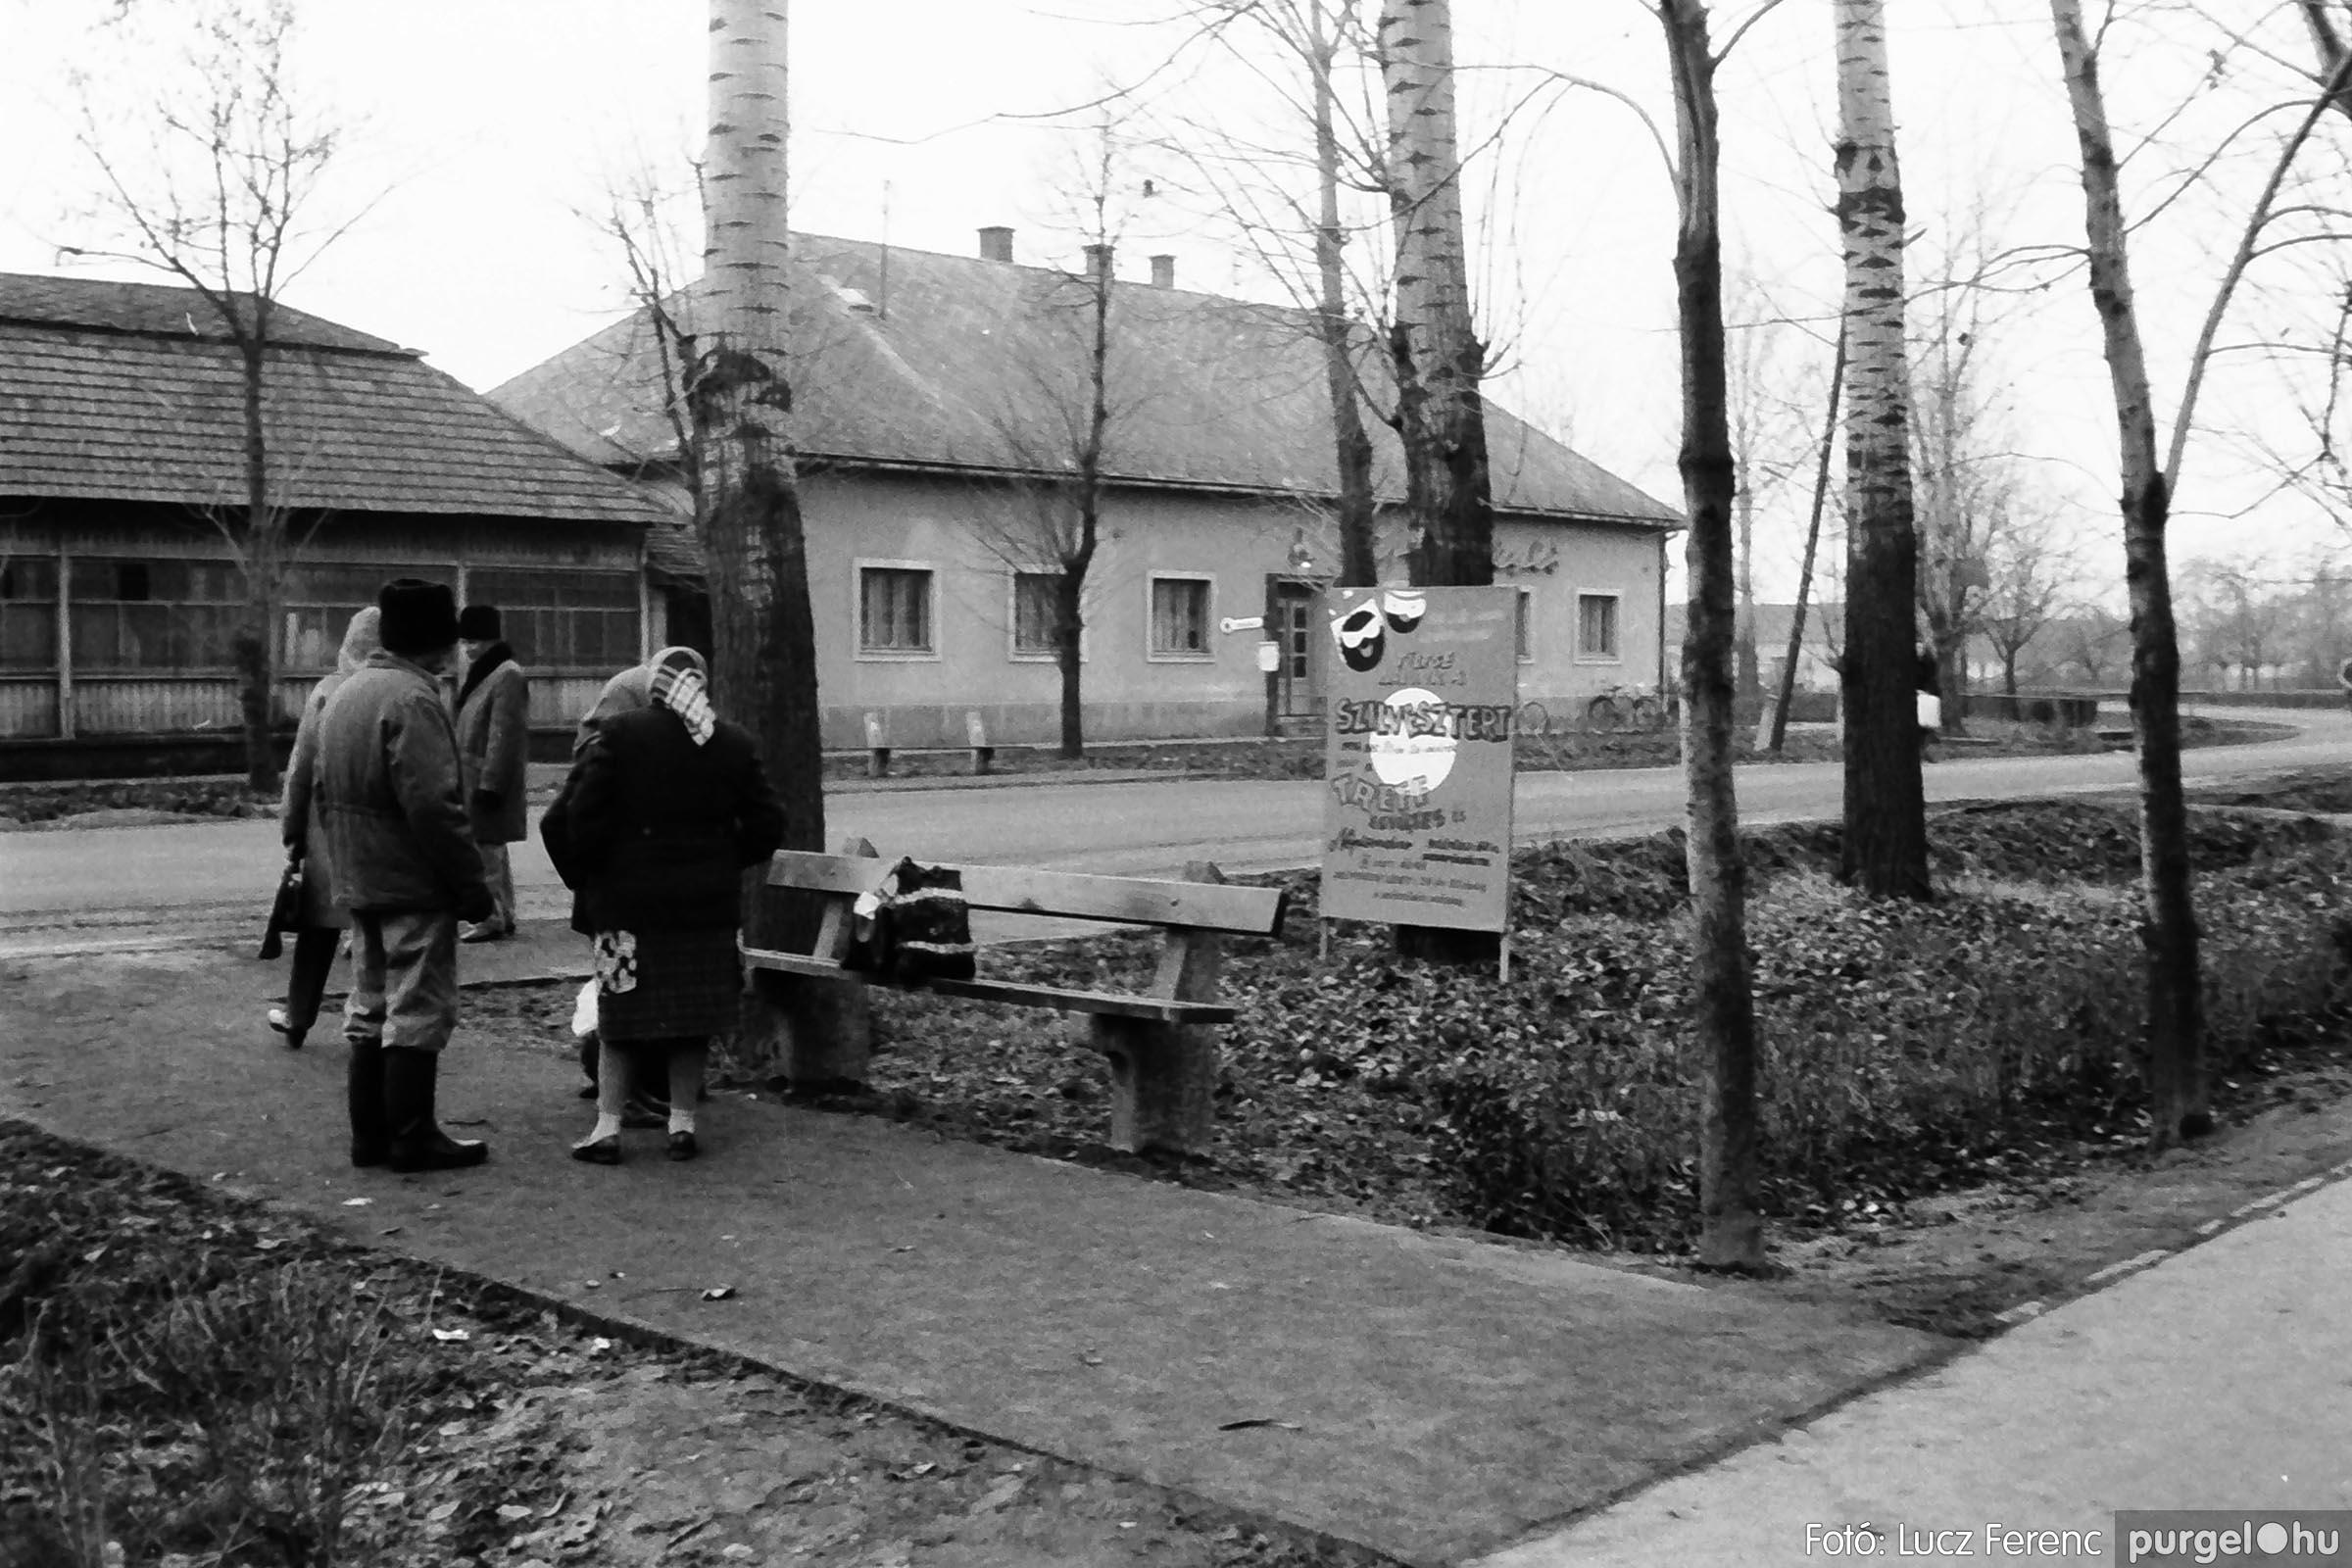 007 1975. Vegyes képek 002 - Fotó: Lucz Ferenc IMG00056q.jpg